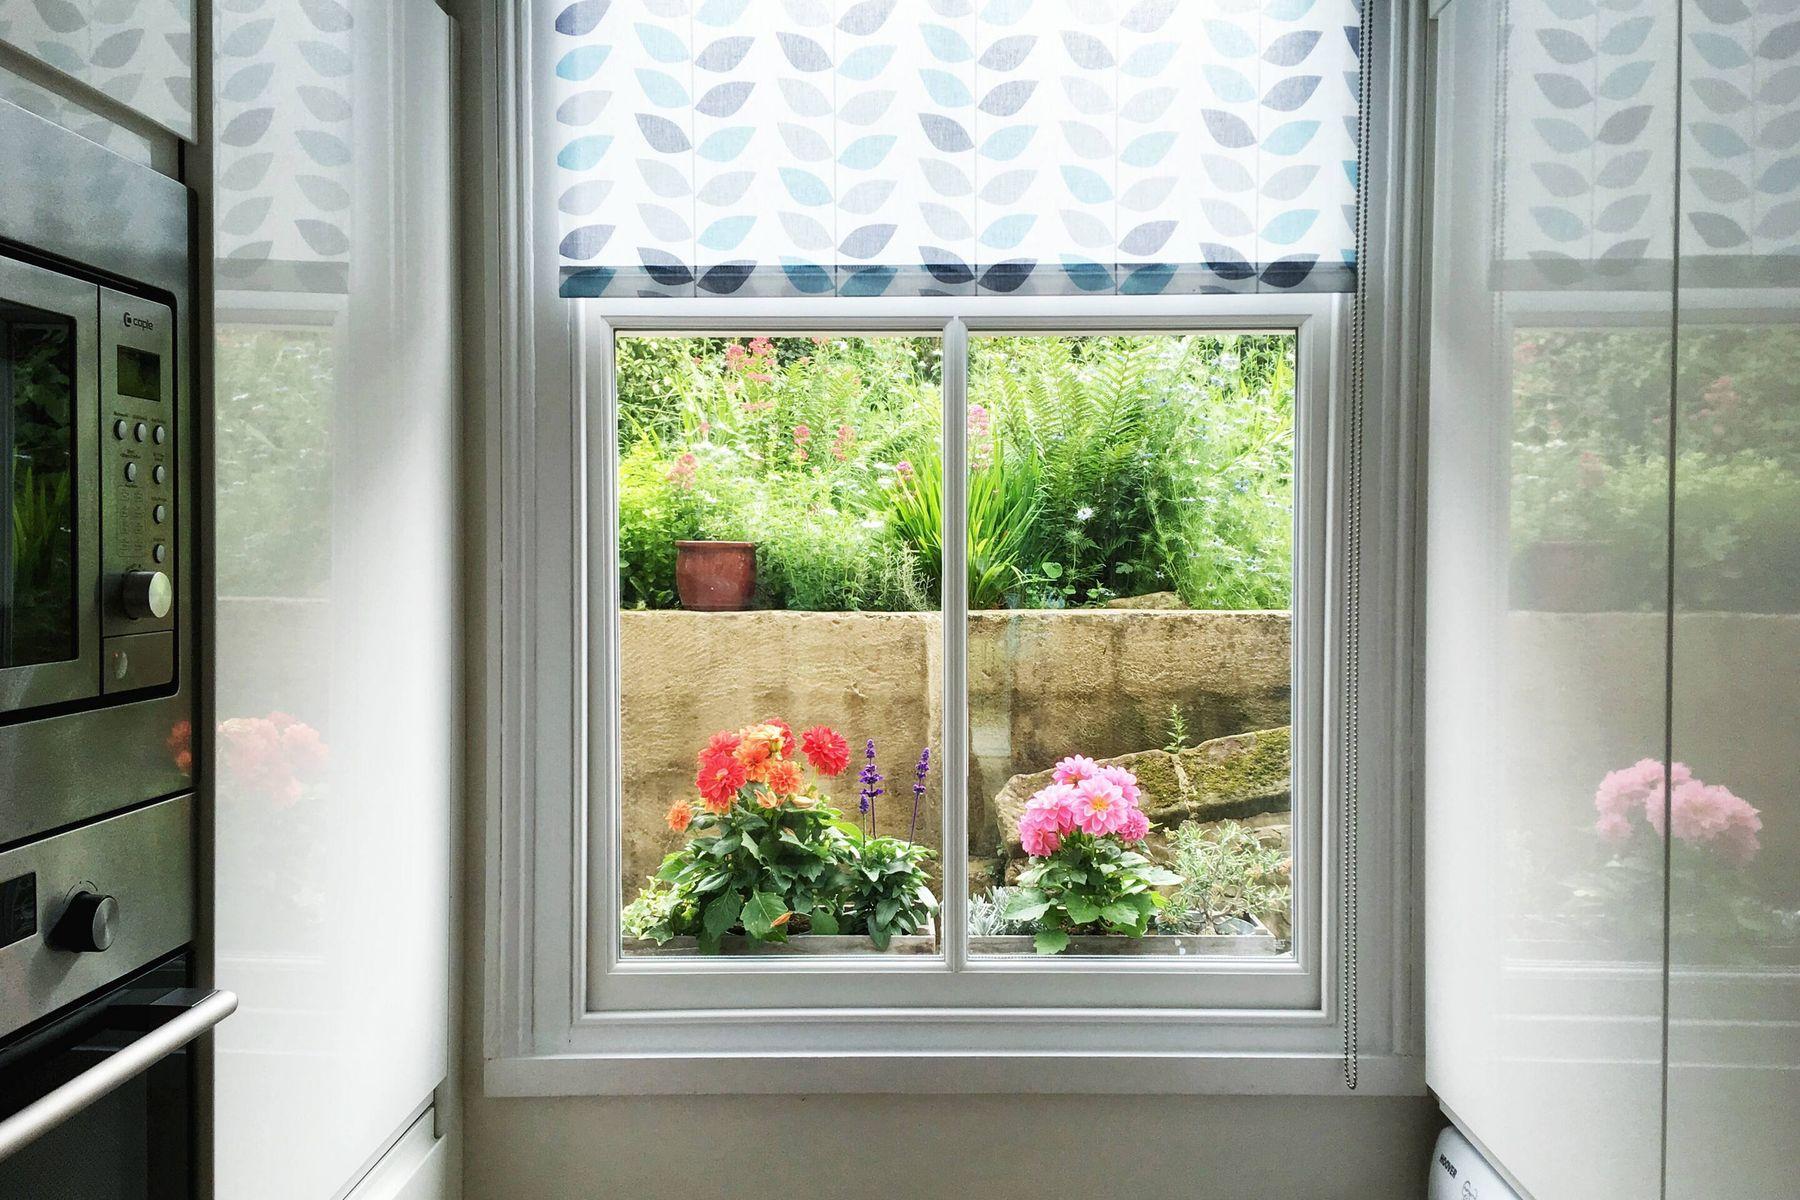 fenêtre de la cuisine donnant sur le jardin